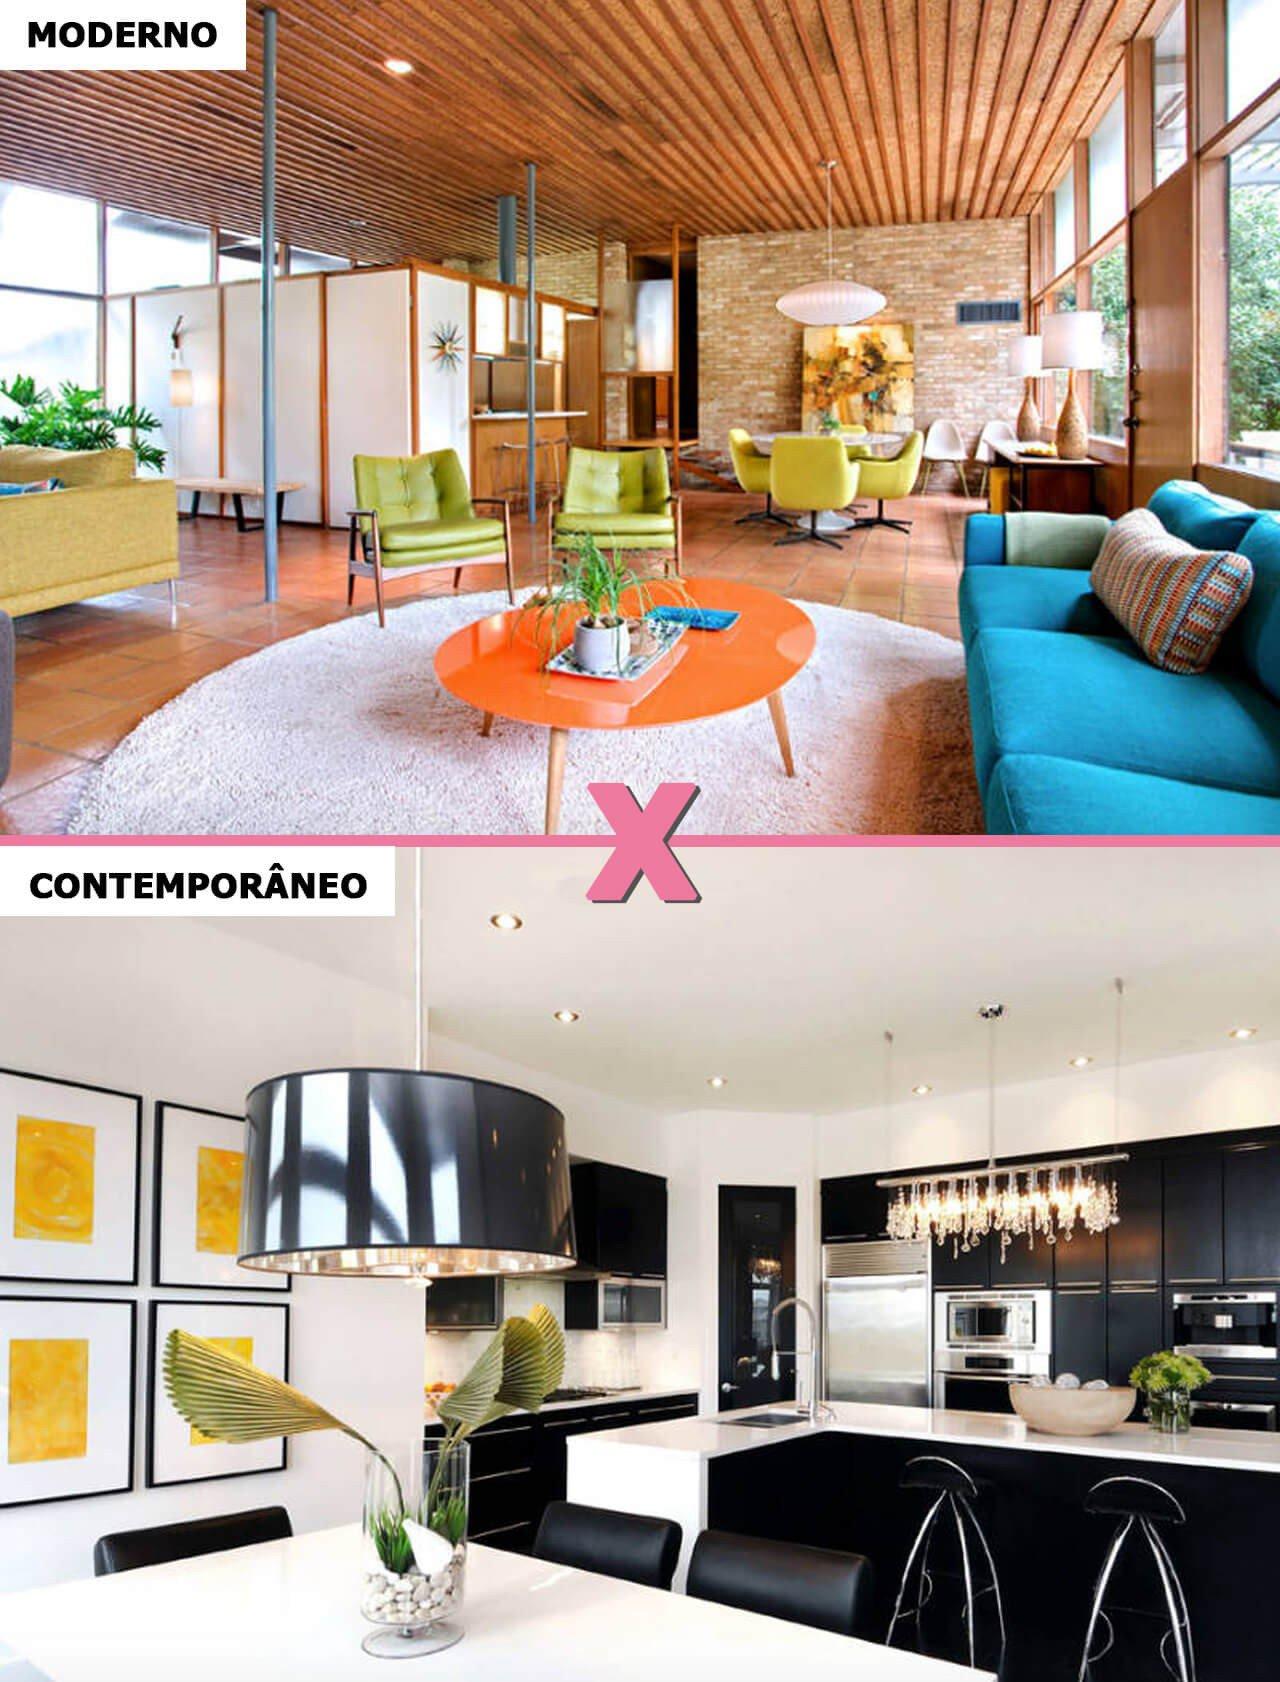 Cores Design Moderno Design Contemporâneo